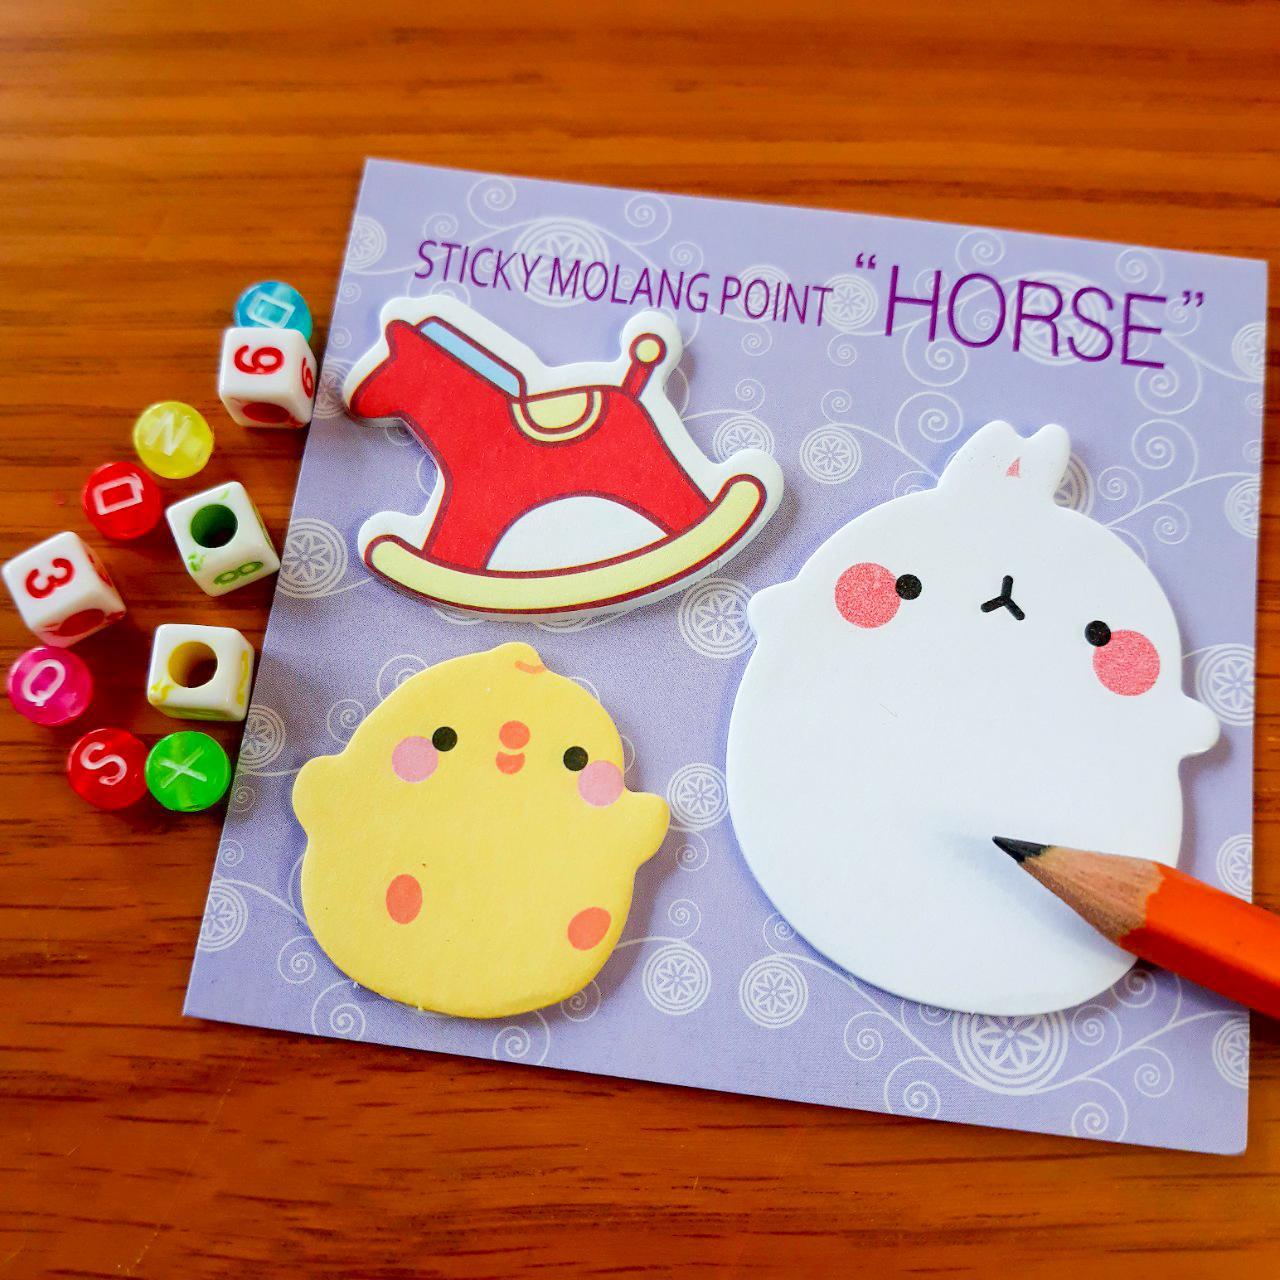 Giấy Ghi Chú Note Phân Trang Molang & Piu Piu Tặng Kèm Bút Chì - Horse